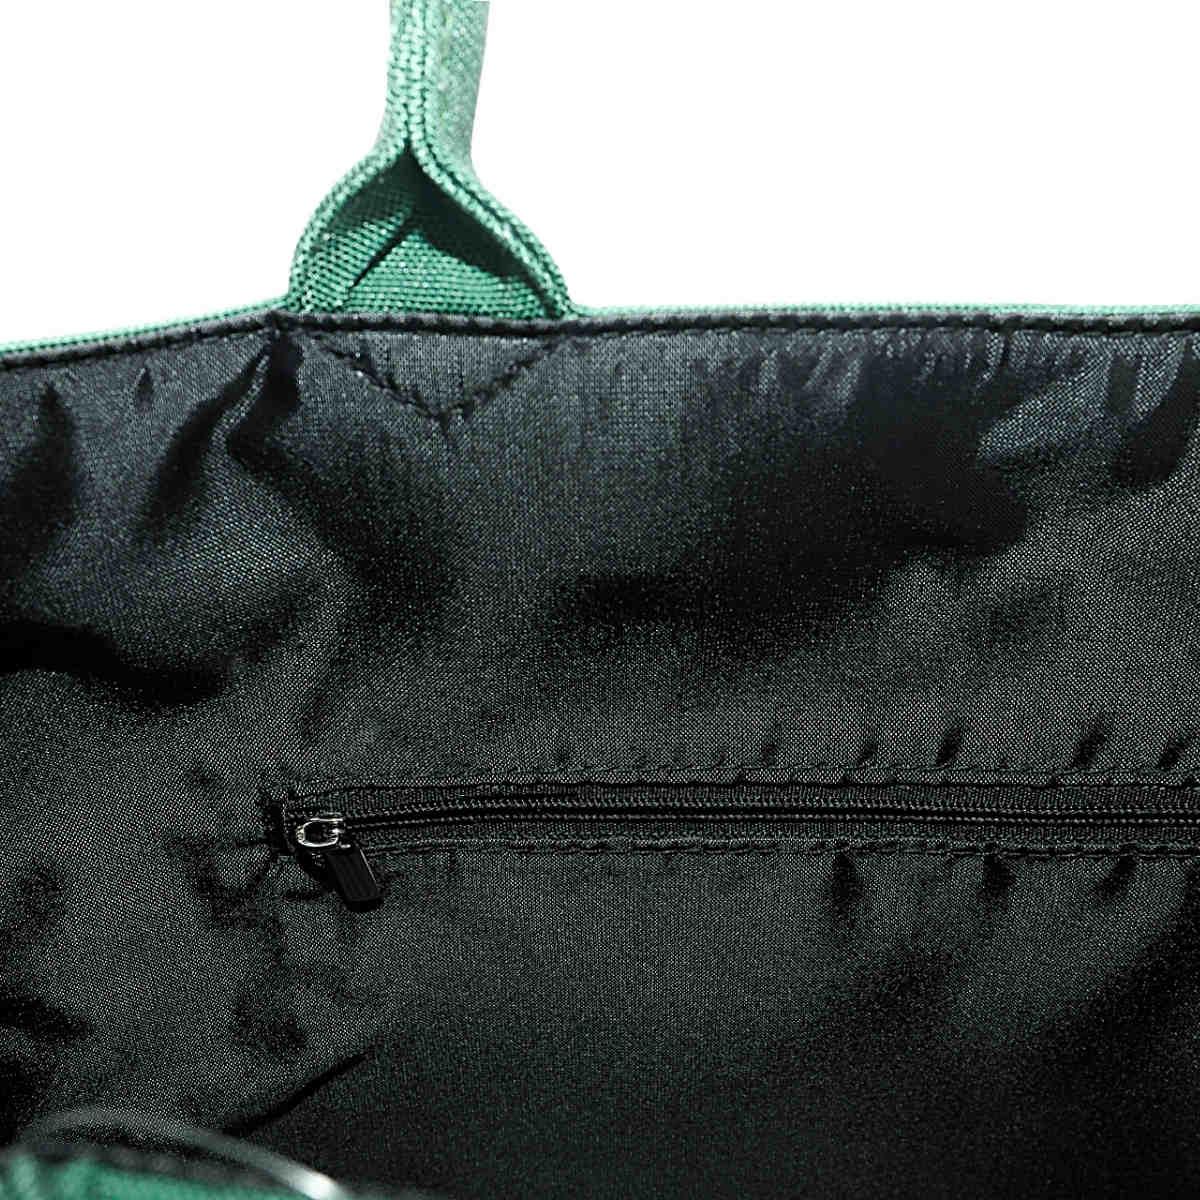 【21年SS新作】PICONE ピッコーネ 人気ブランド レディースバッグ トートバッグ ハンドバッグ 短めハンドル ロゴ キャンバス おしゃれ